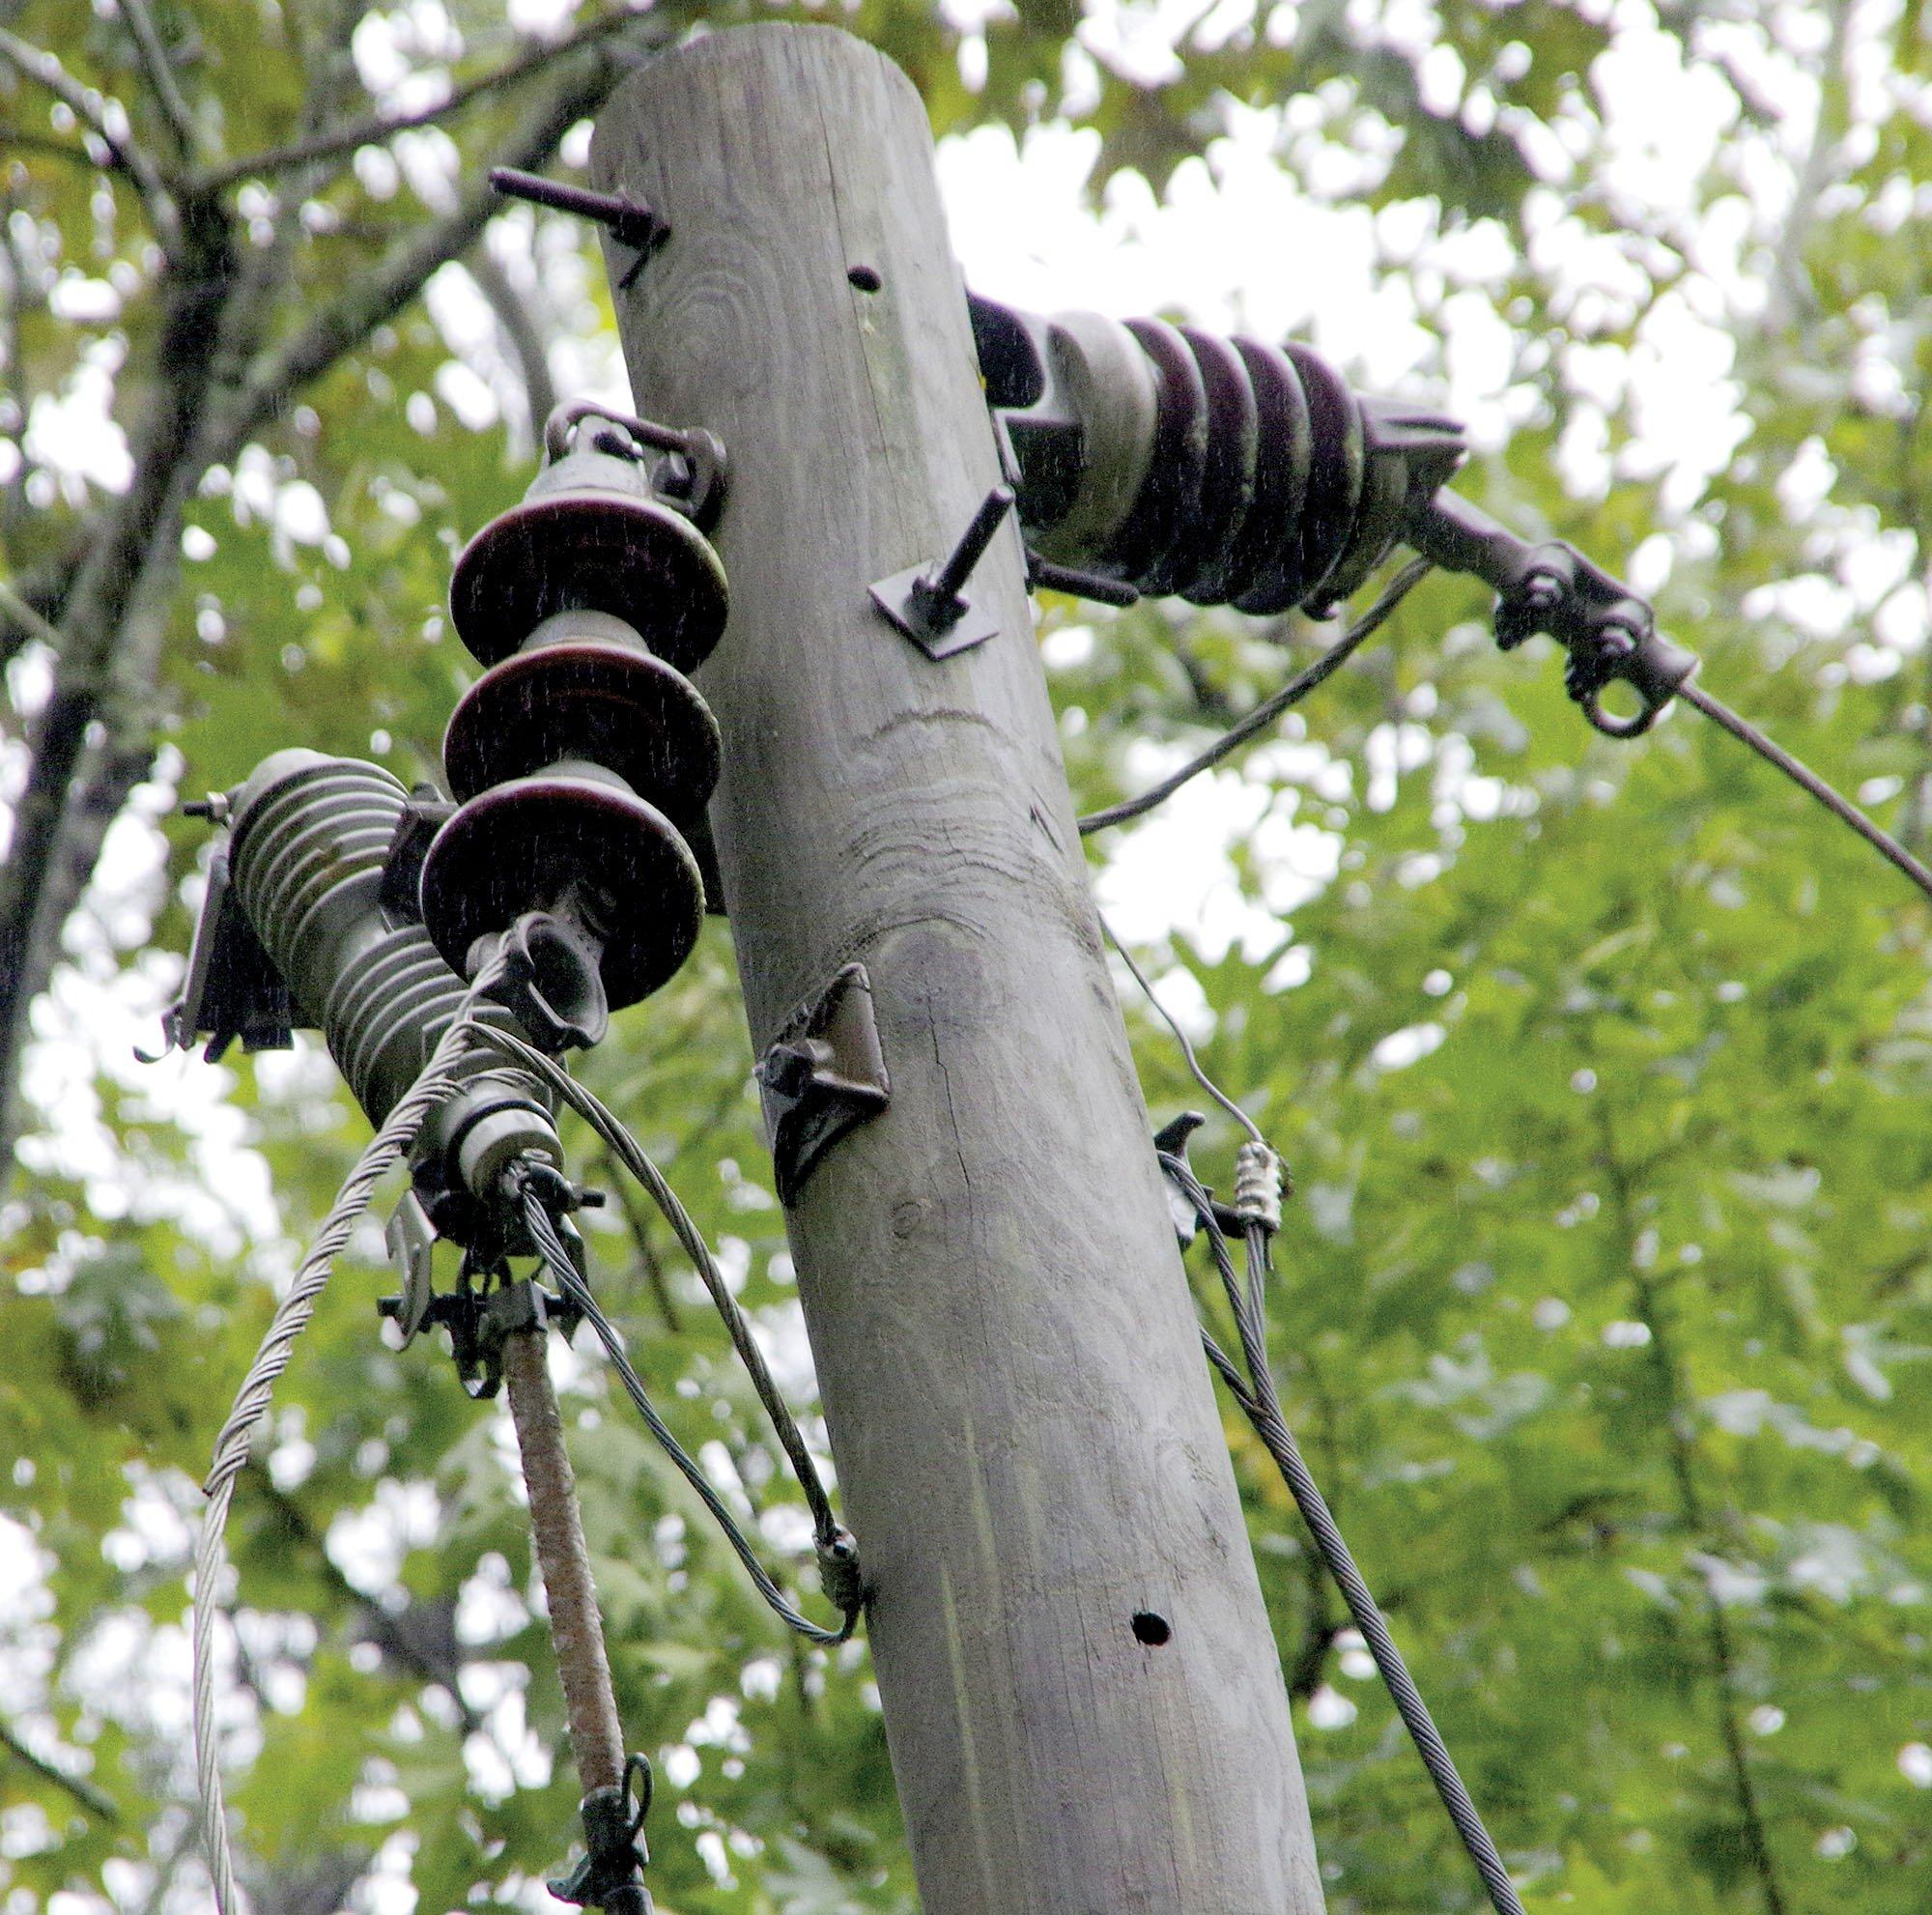 Power lines left dangling